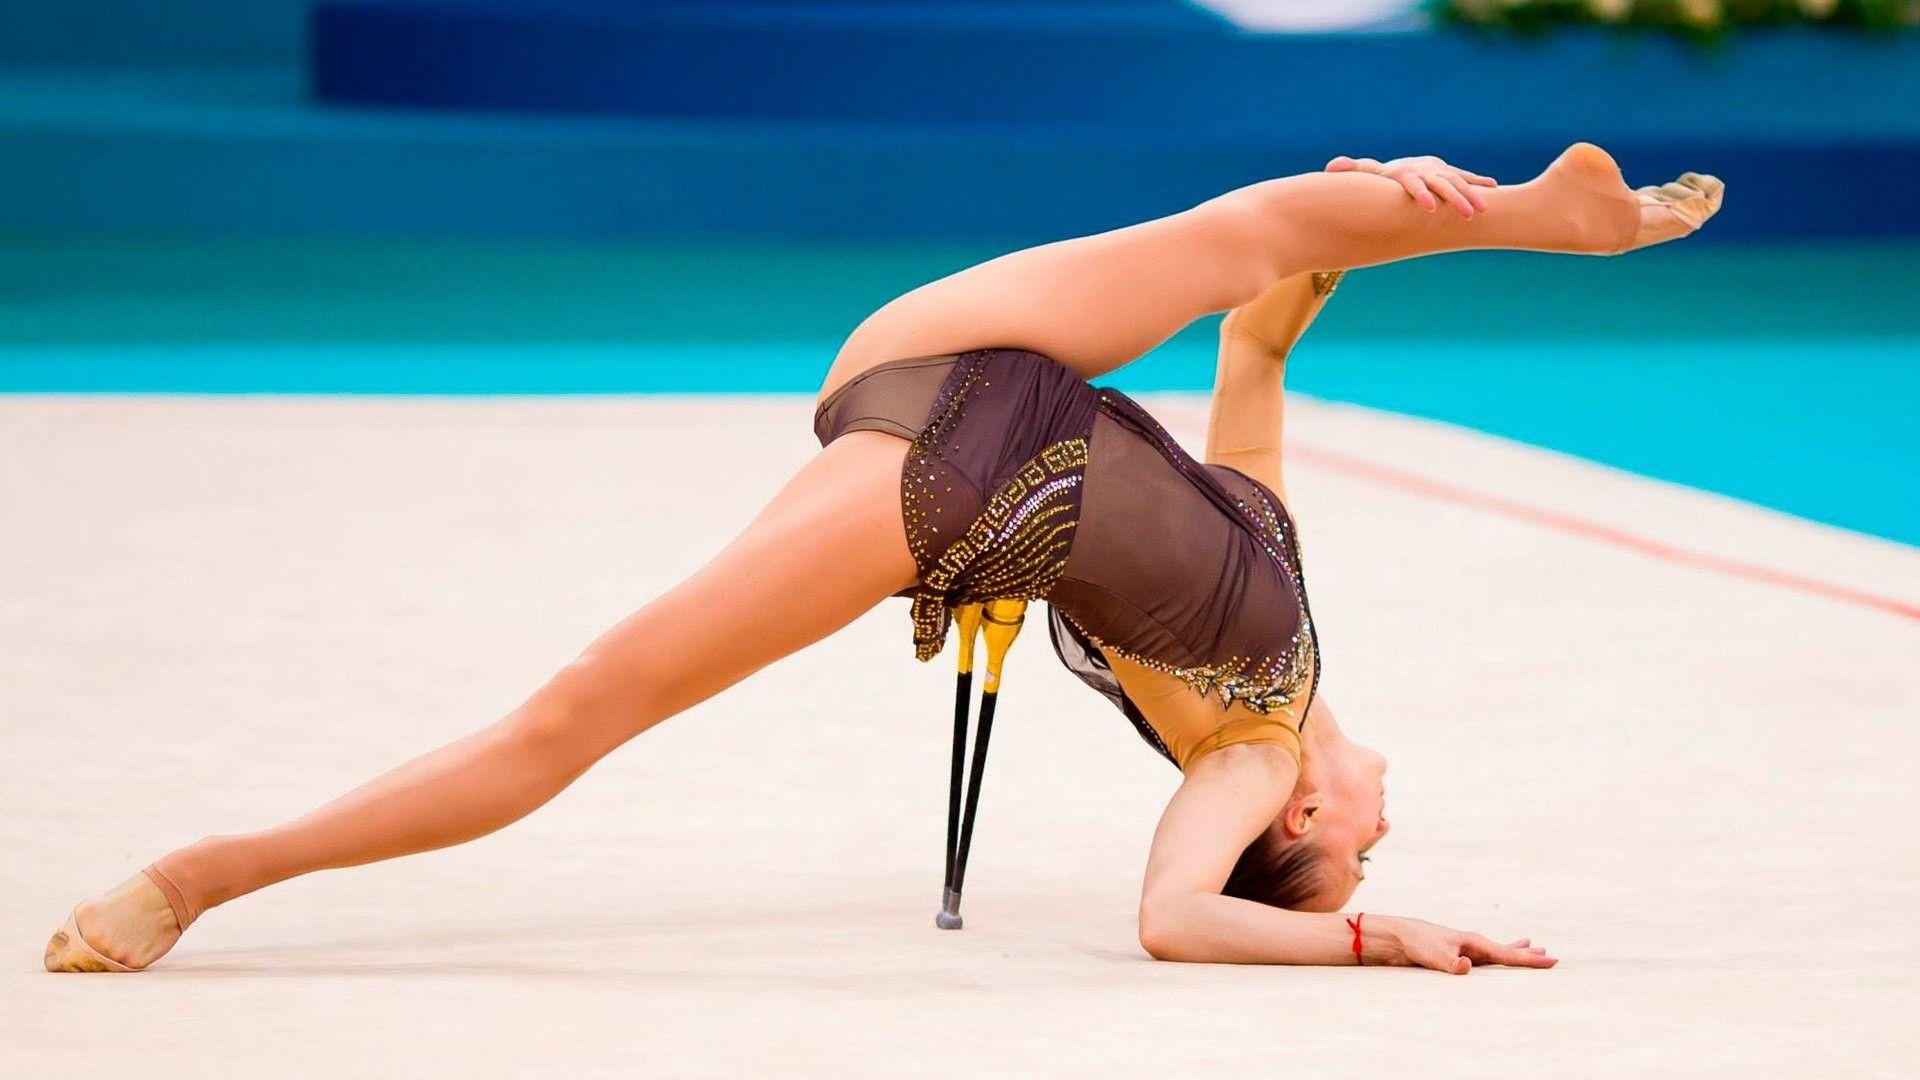 Художественная гимнастика эро